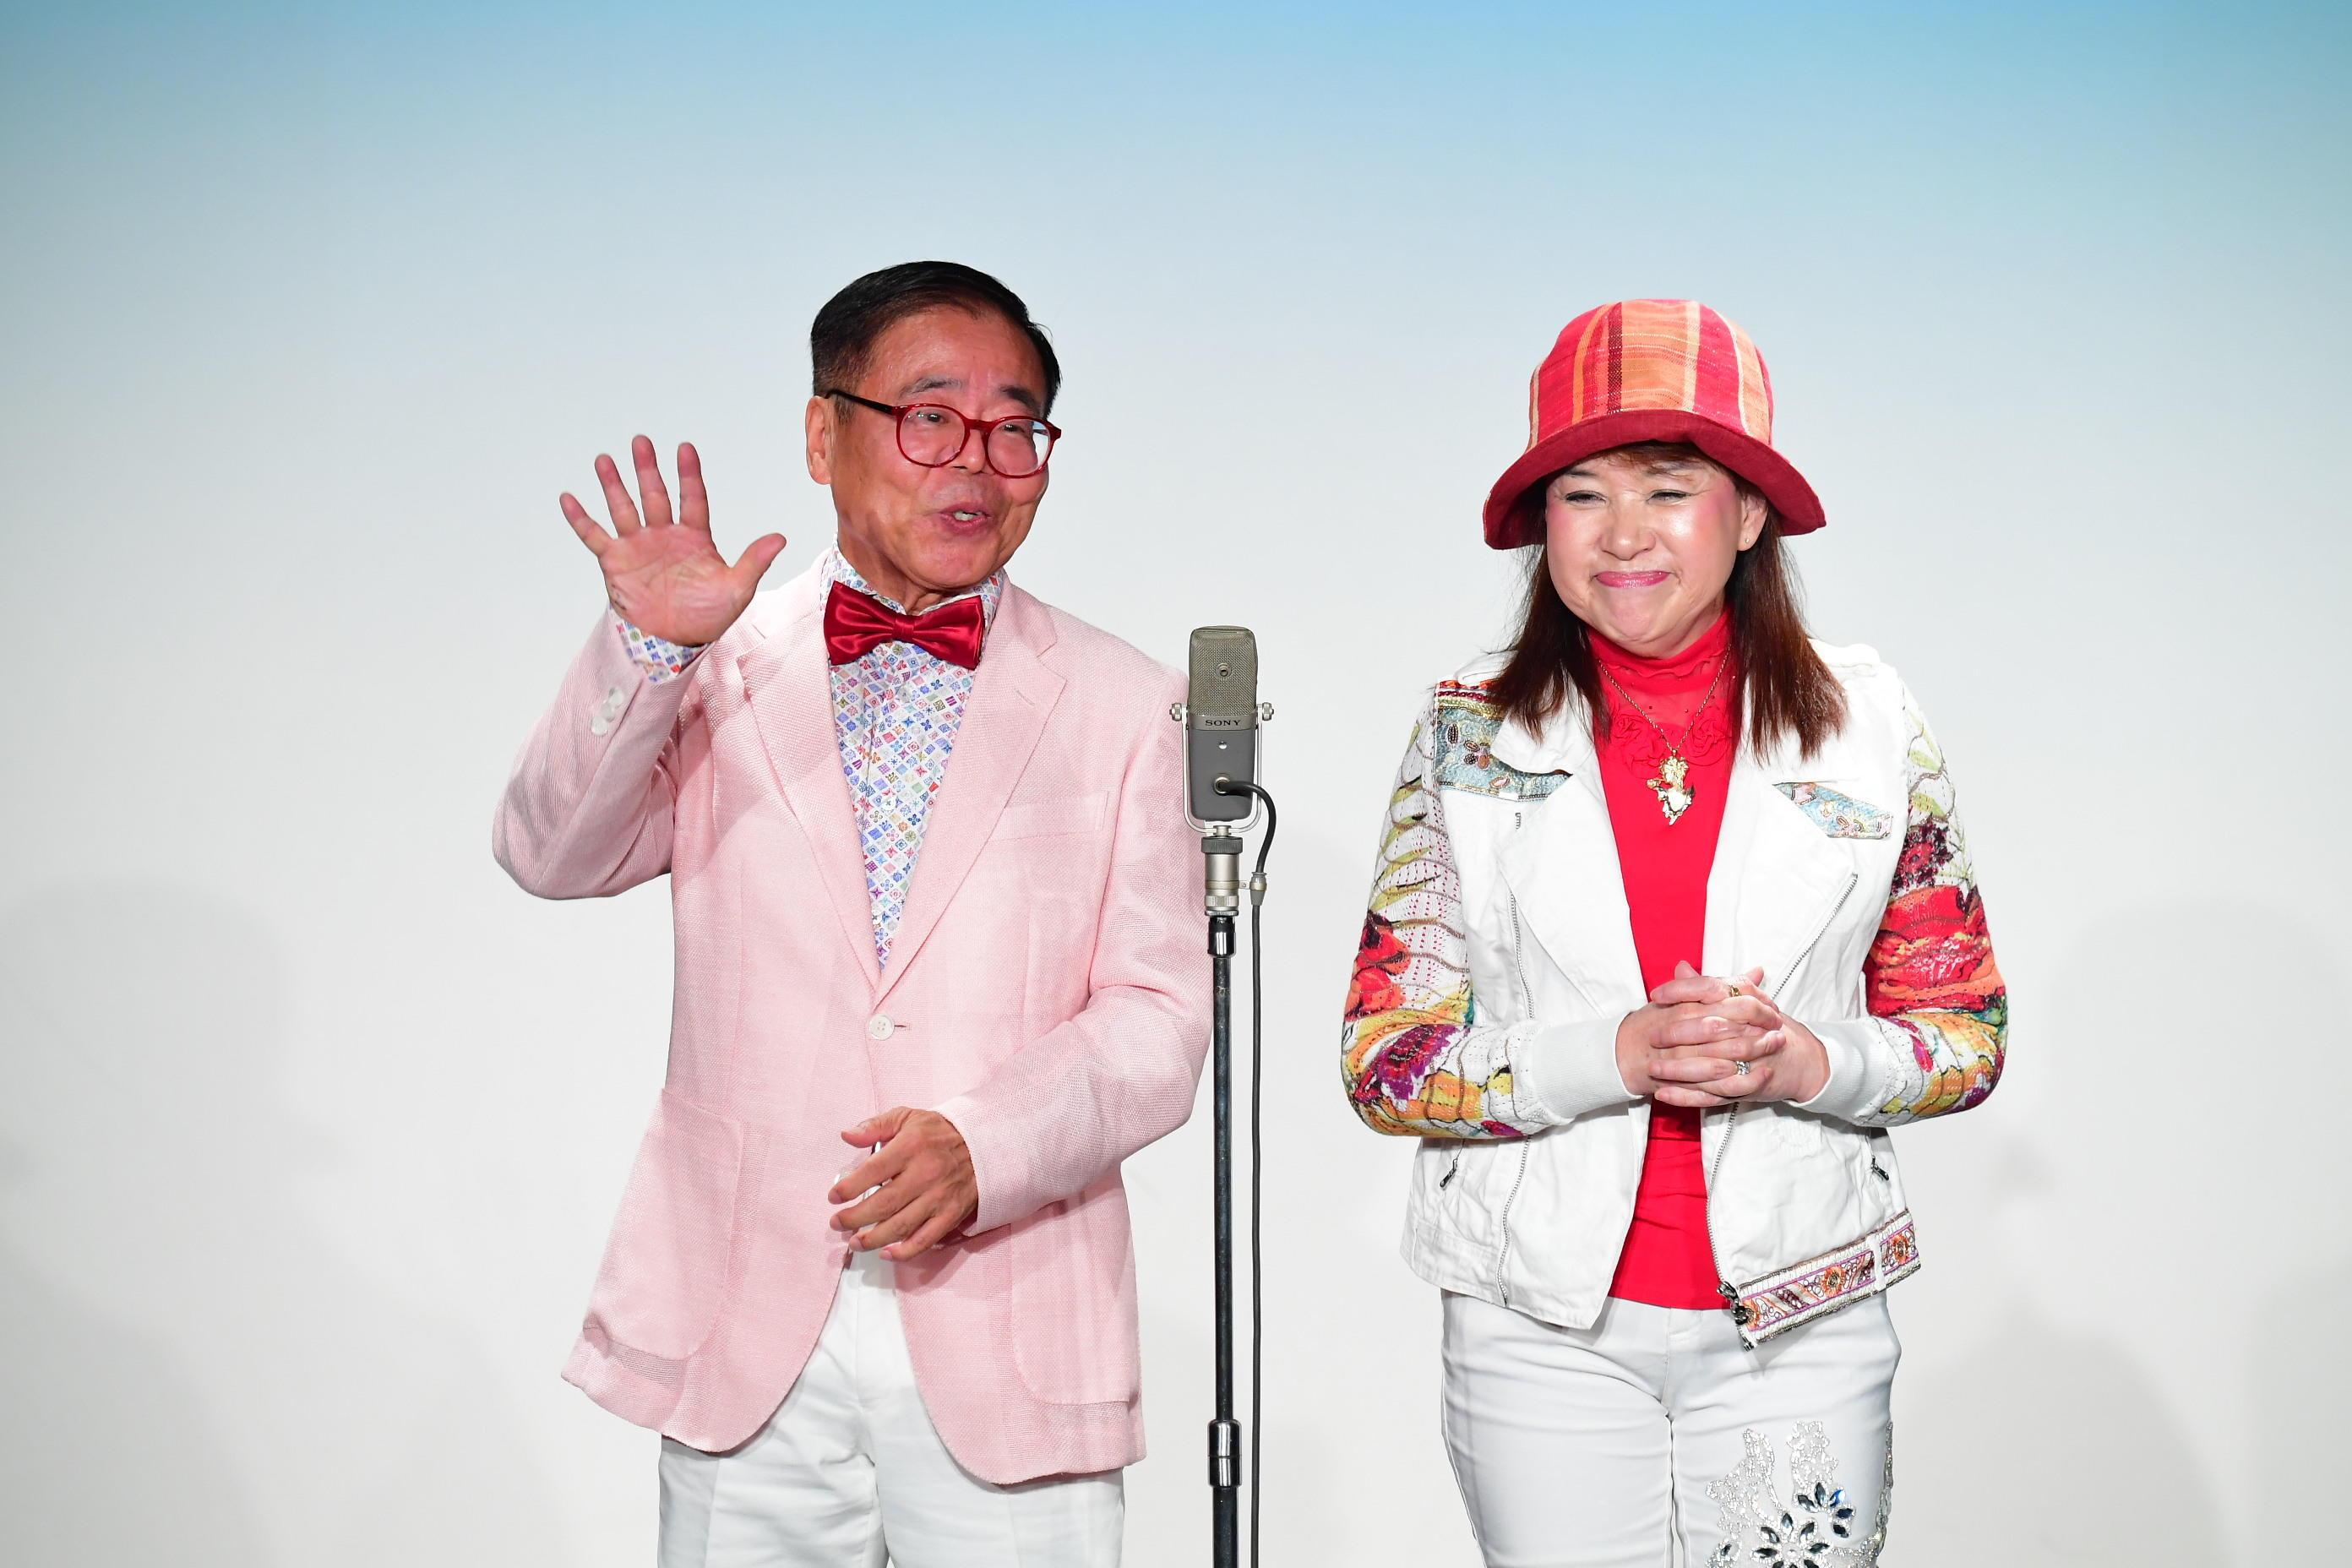 http://news.yoshimoto.co.jp/20181030225715-9071873f5d75b5b455665aea13d5309bdbf8dbd4.jpg